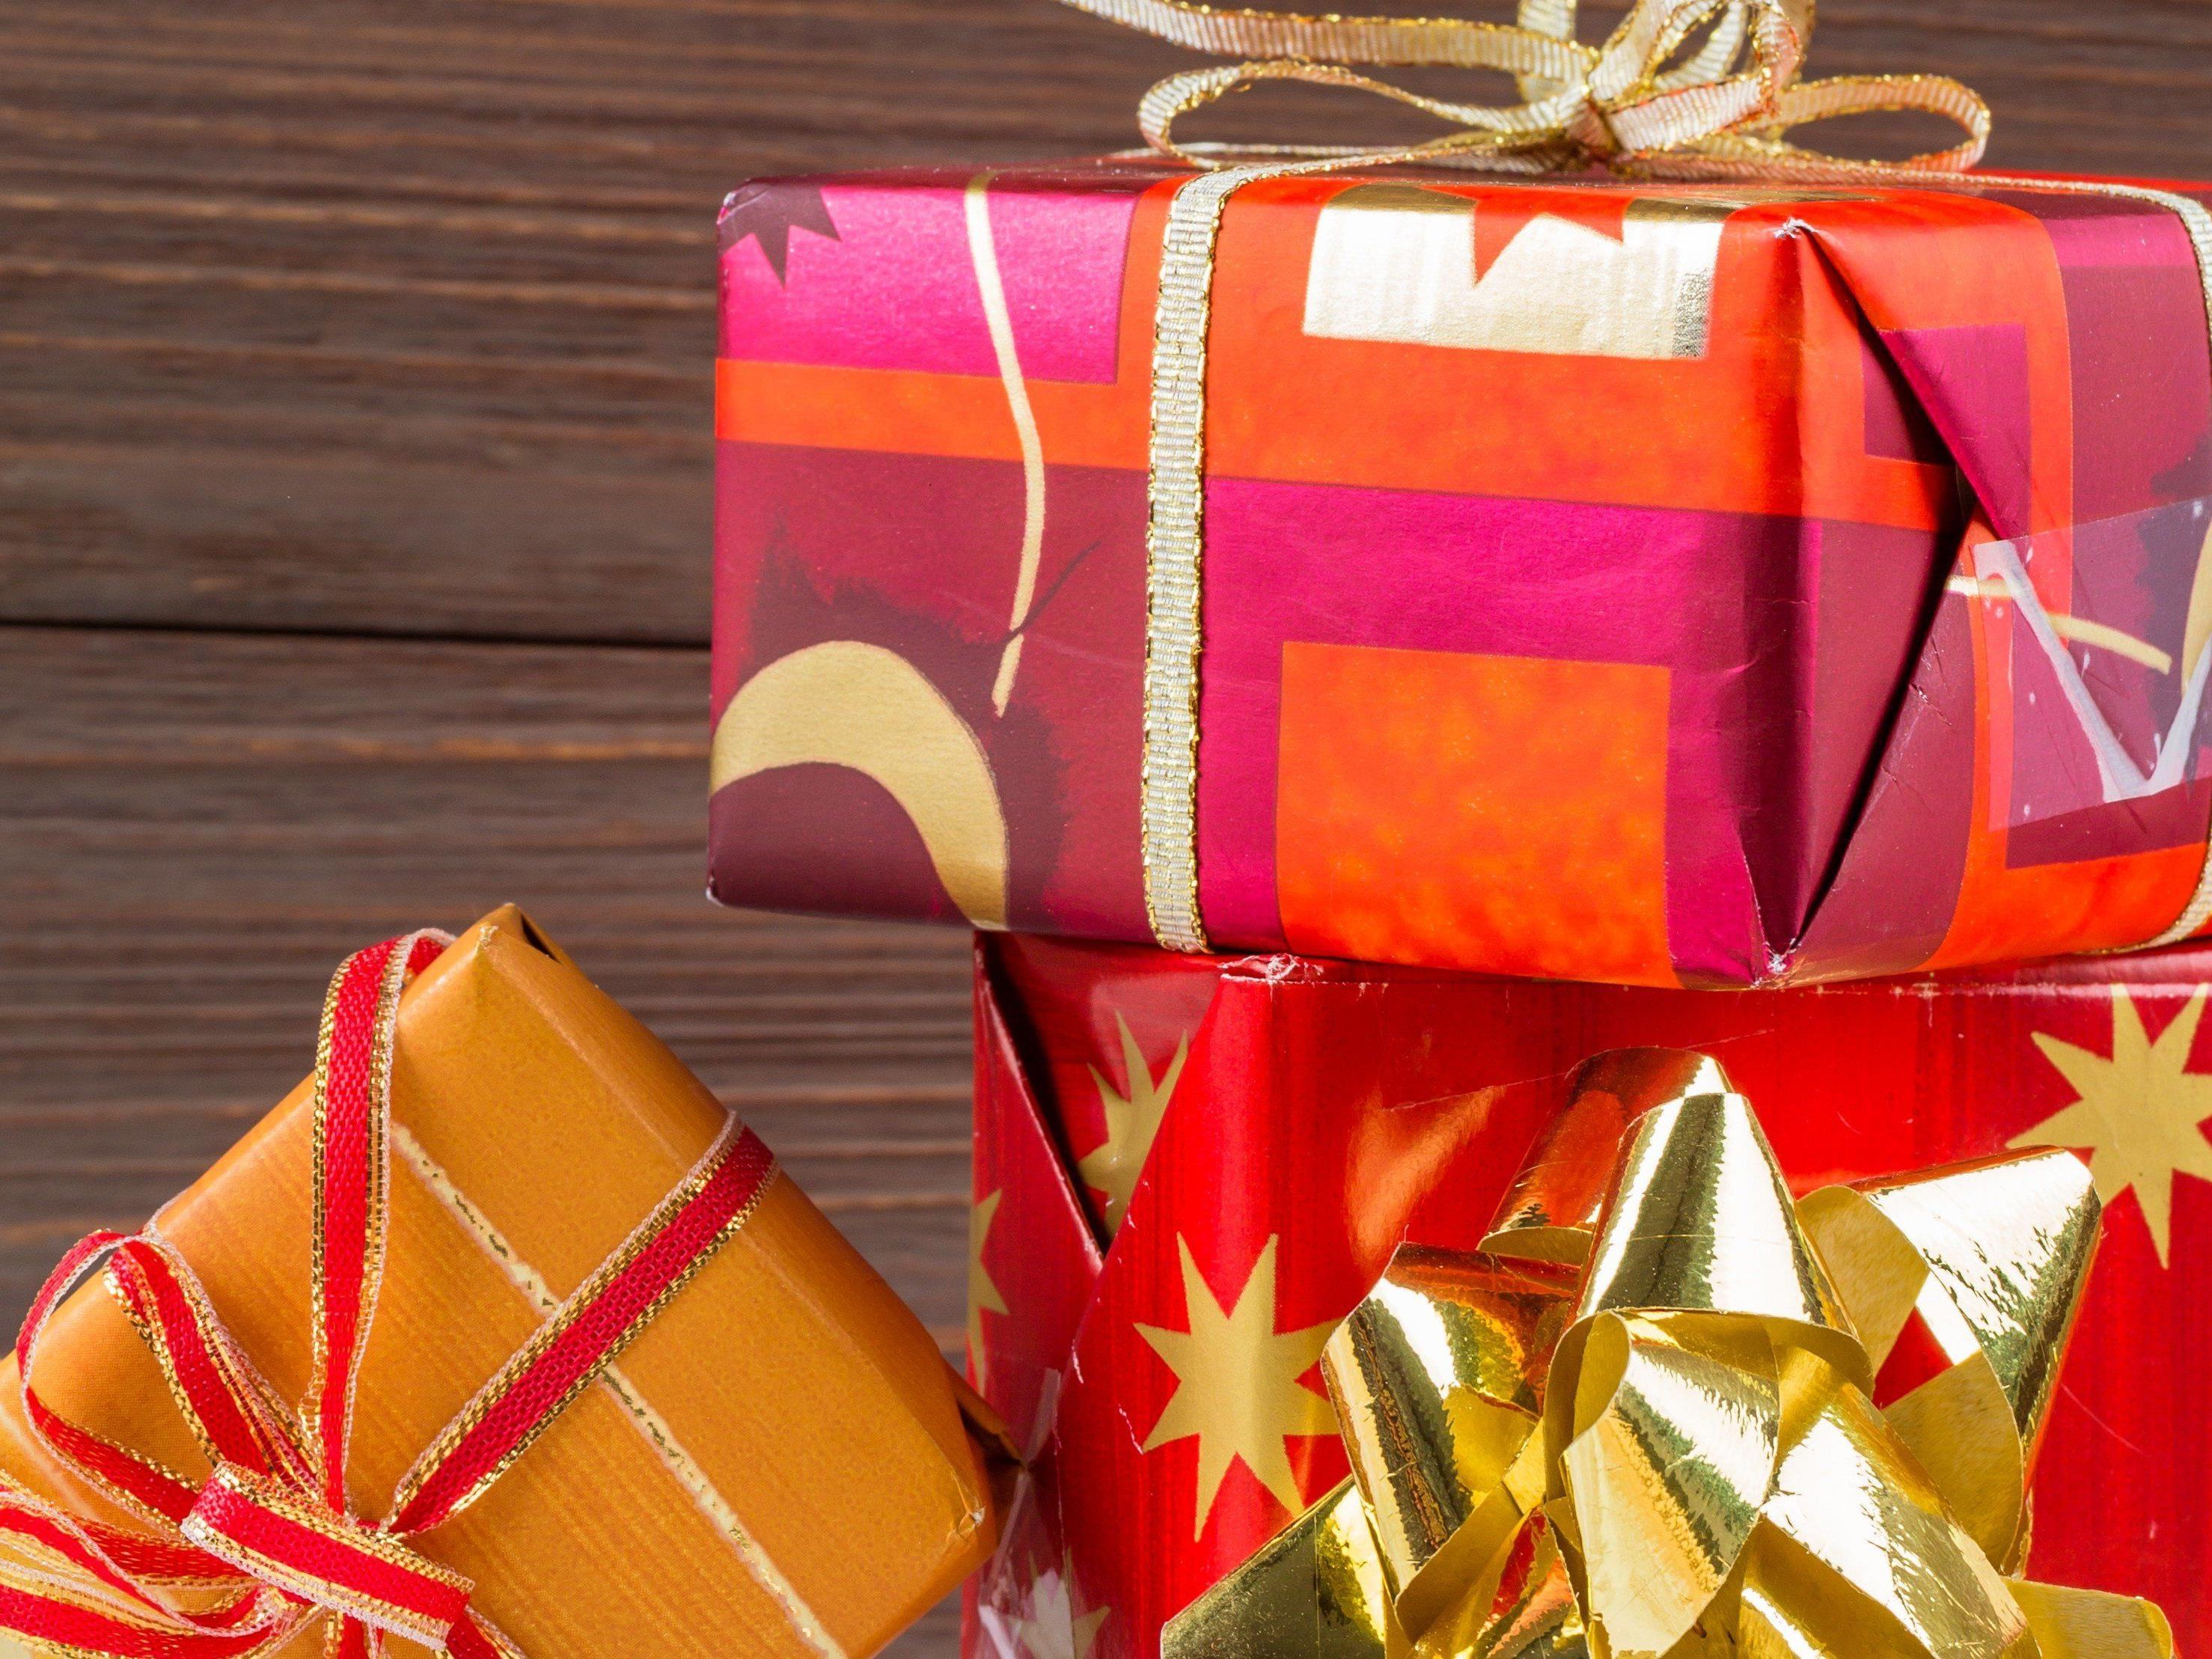 Wir haben 13 günstige Geschenkideen für Sie gesammelt.